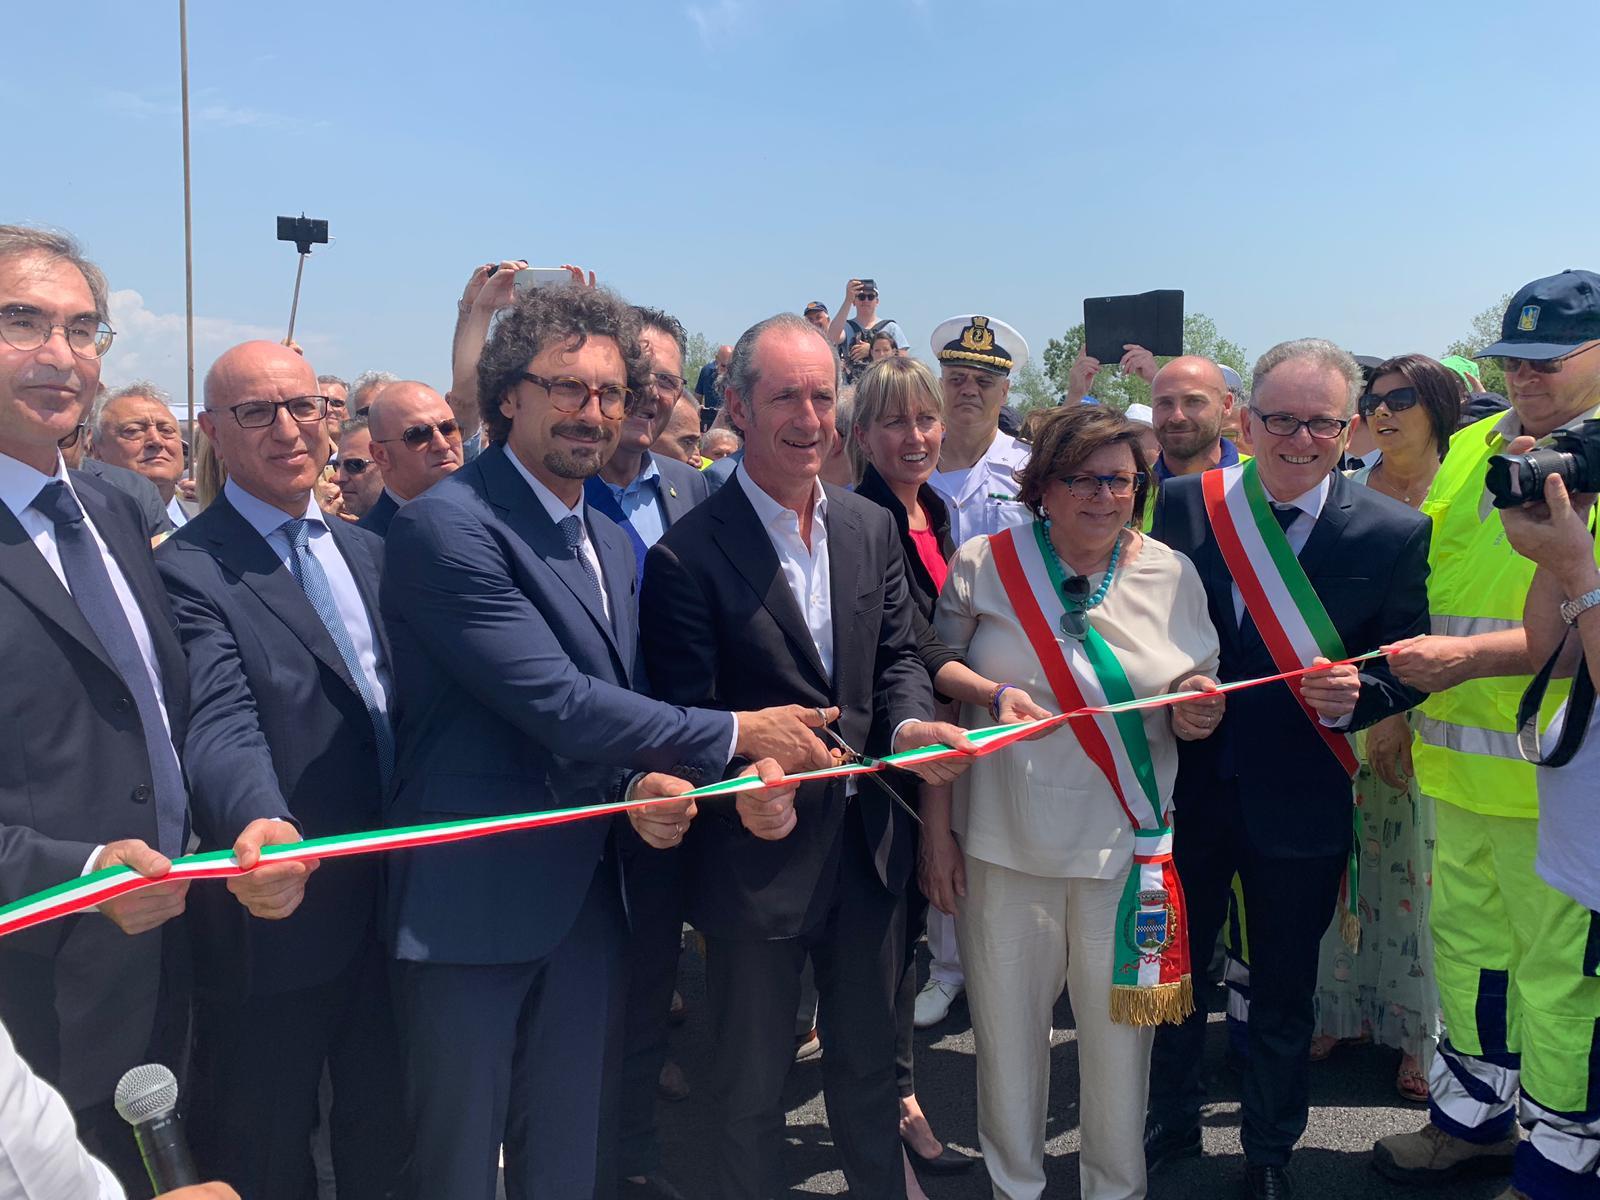 Ponte della Priula: Toninelli all'inagurazione, il momento del taglio del nastro ad opera del ministro Toninelli